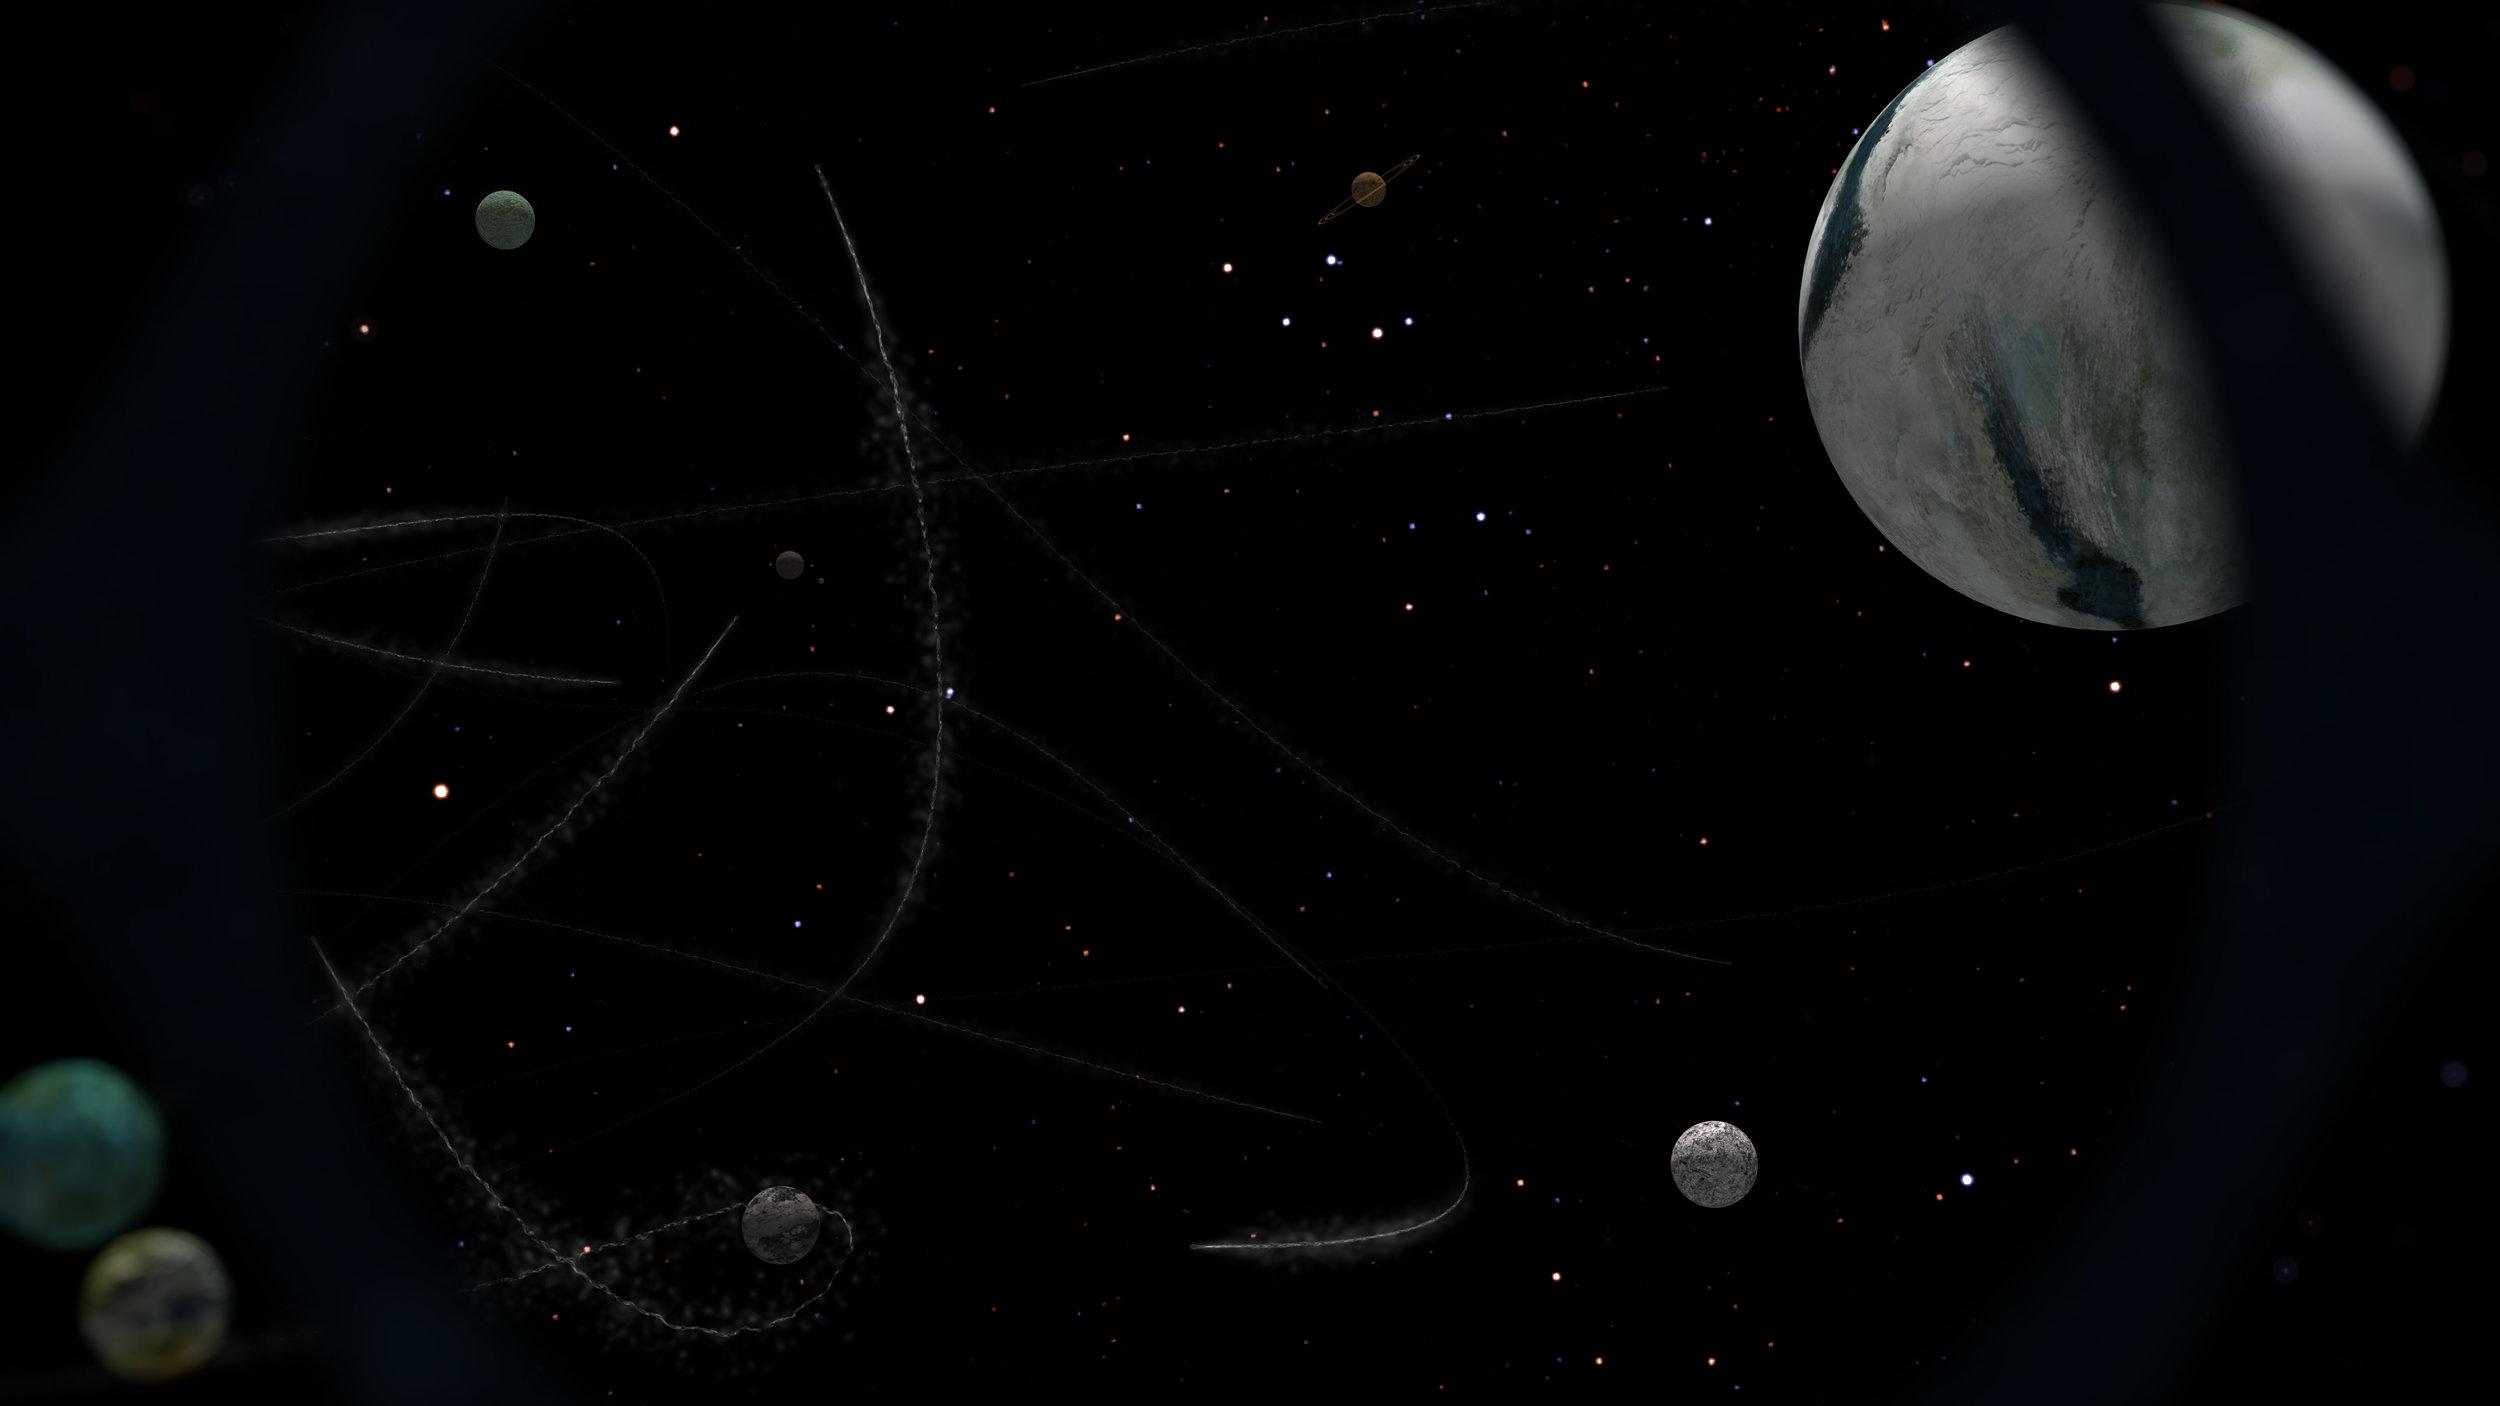 UKLG_DISPOSSESSED_01-07_Planets_to_Shevek_v01_HQ (0-03-24-03).jpg